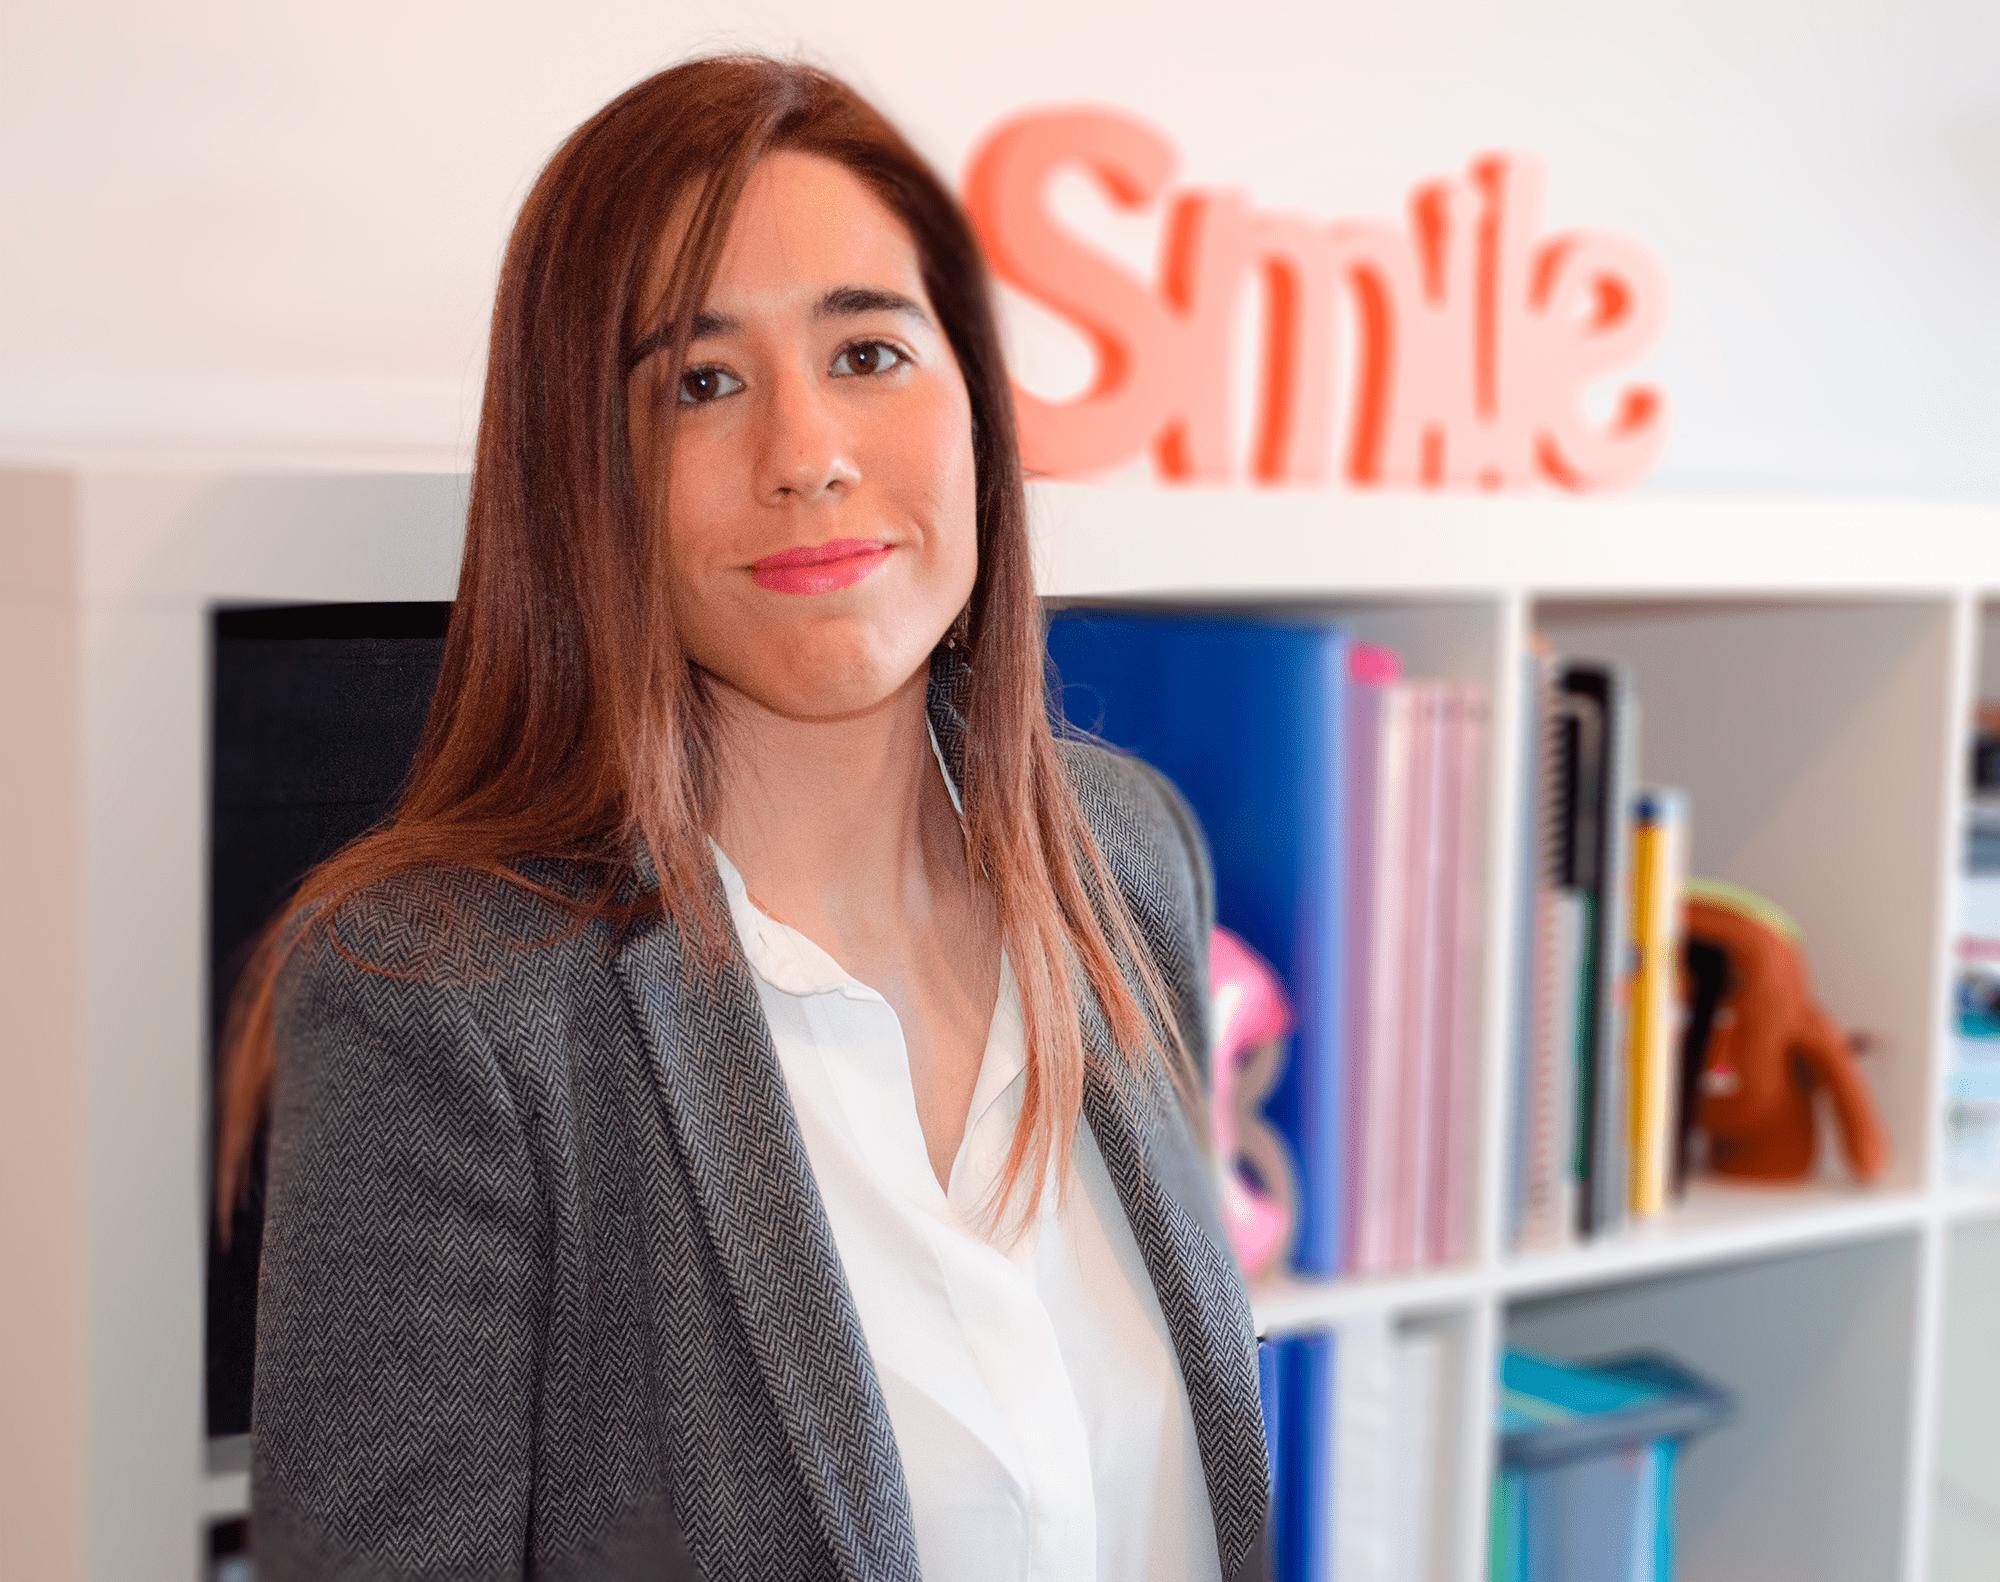 Gestiona el marketing digital de tu empresa con creatividad - Ana Martínez, experta en marketing digital en Albacete.